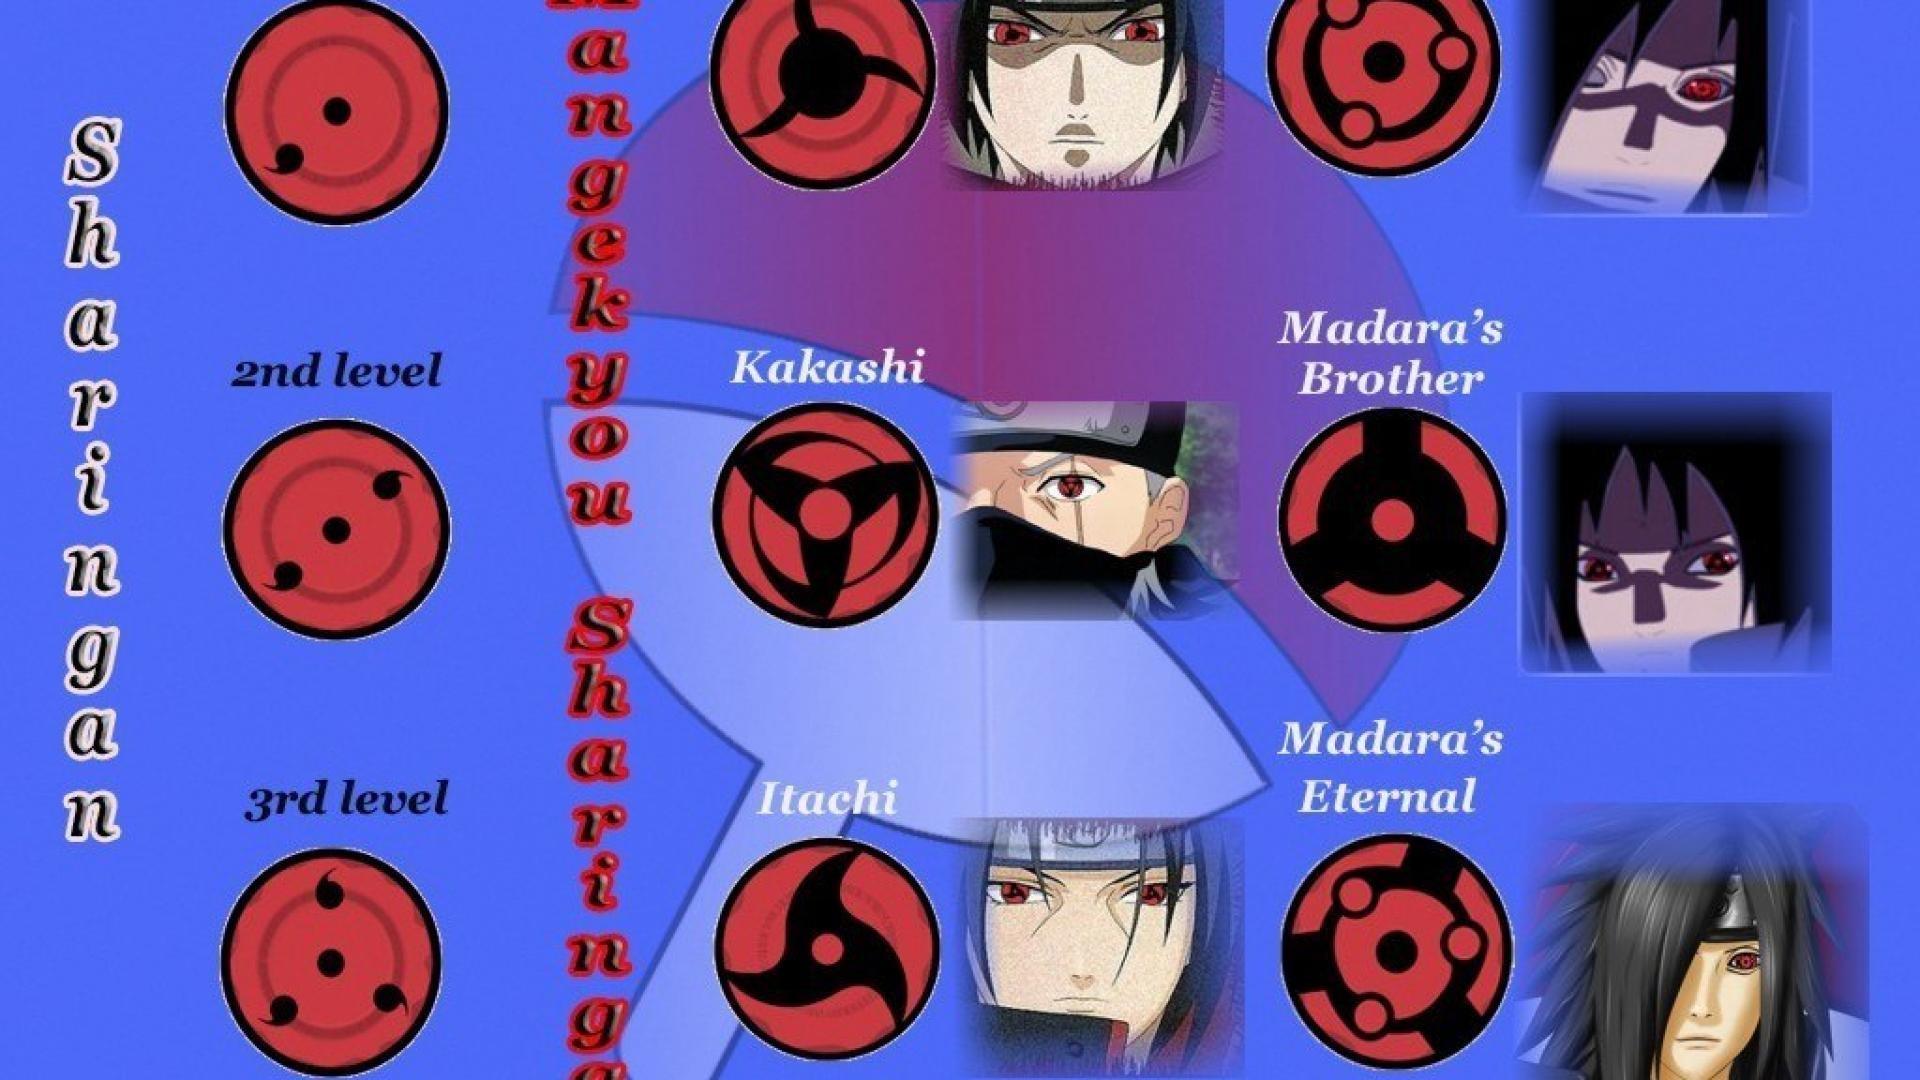 Naruto Sharingan Wallpaper 68 Images